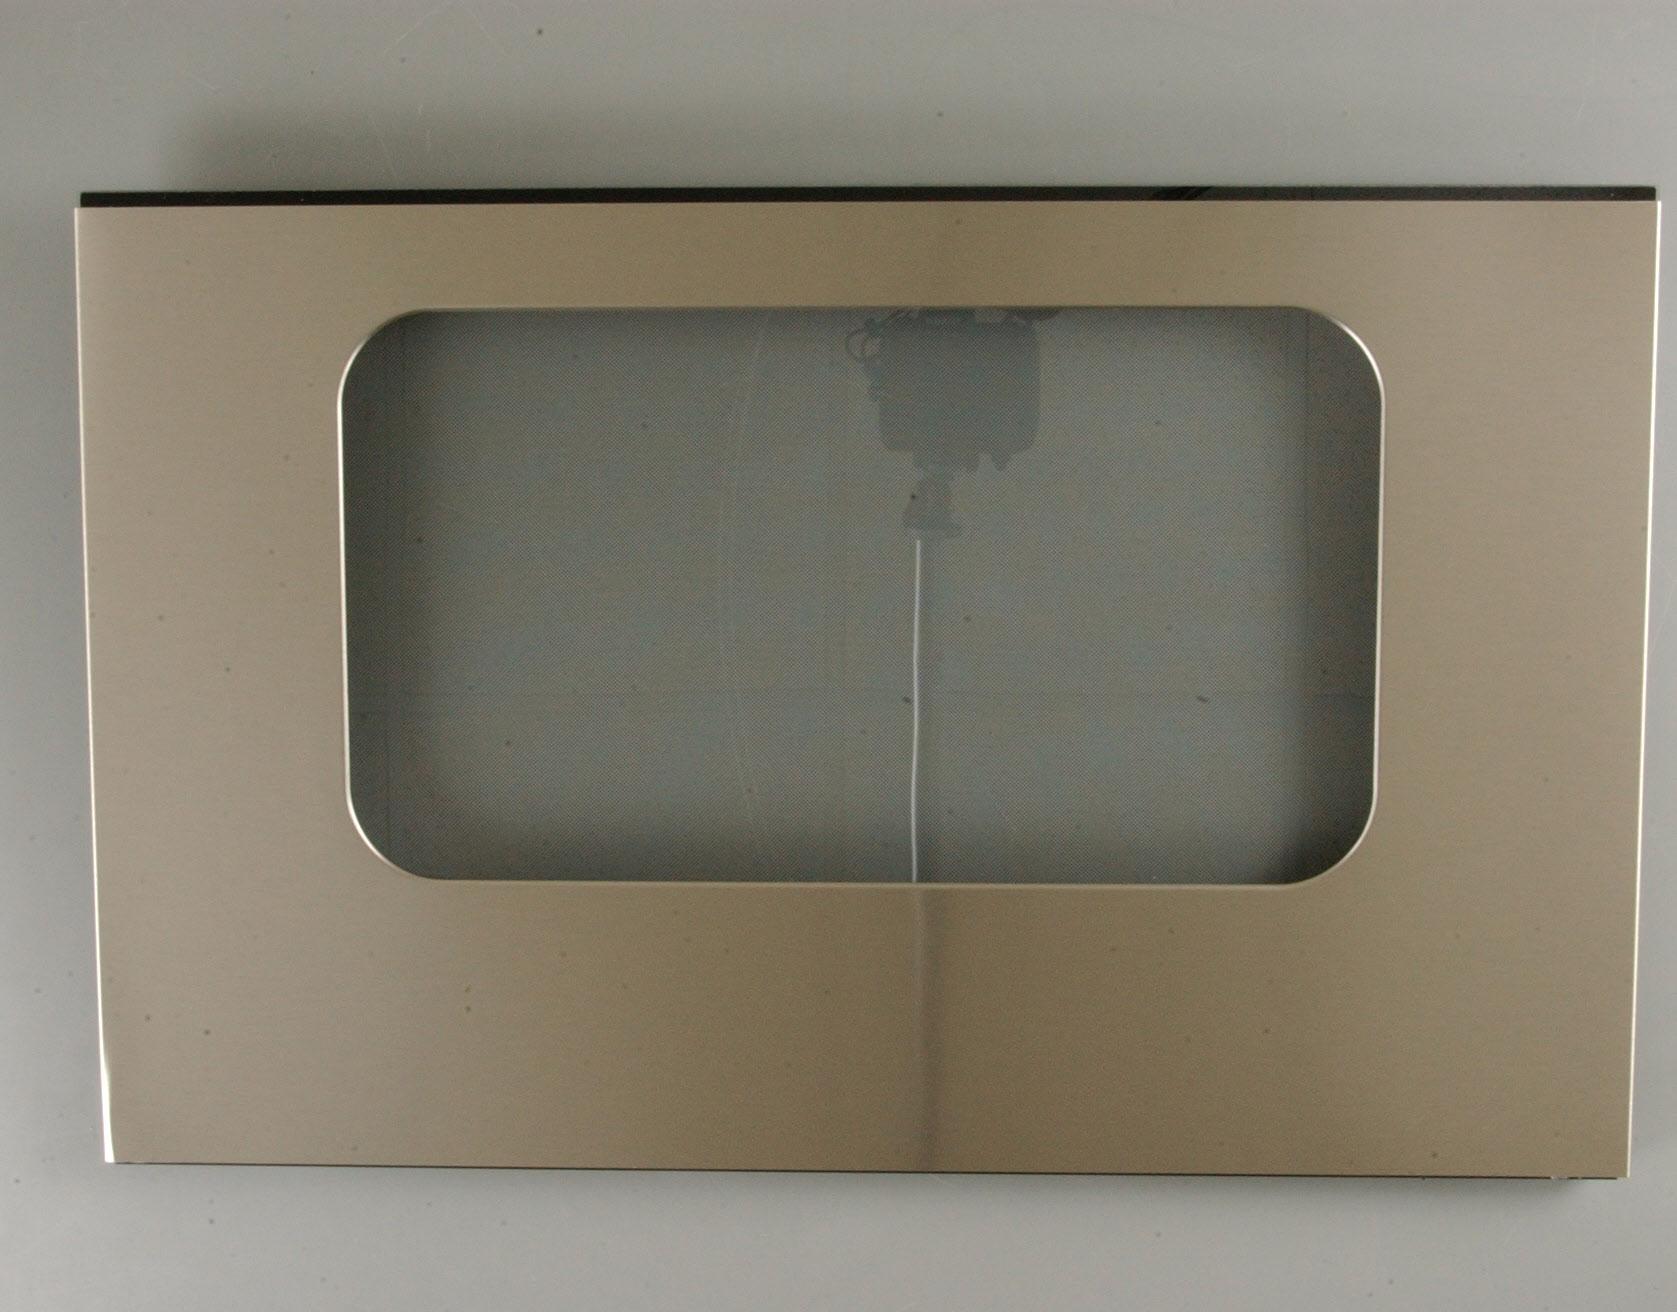 GE Range/Stove/Oven Part # WB57K10091 - Door Glass